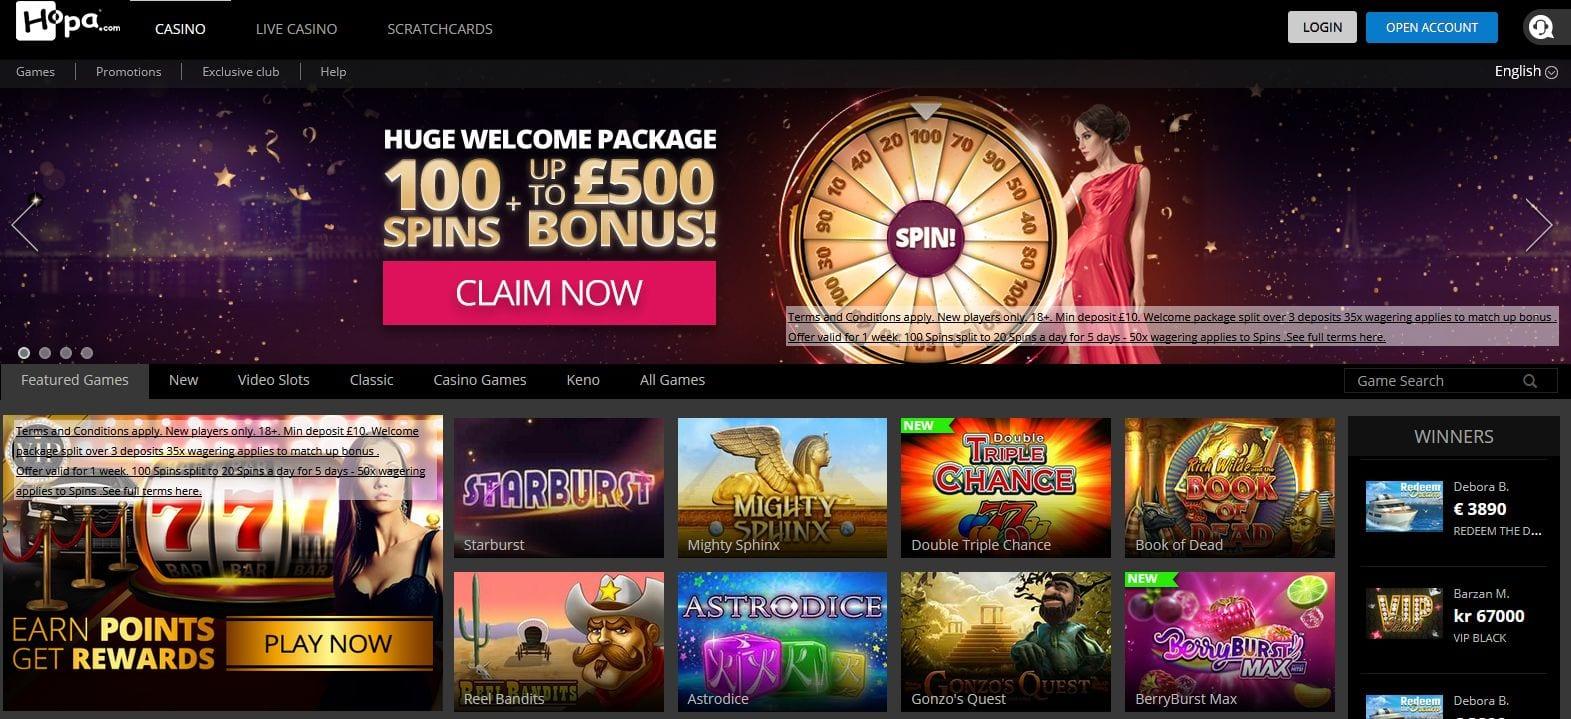 Hopa Online Casino Erfahrungen